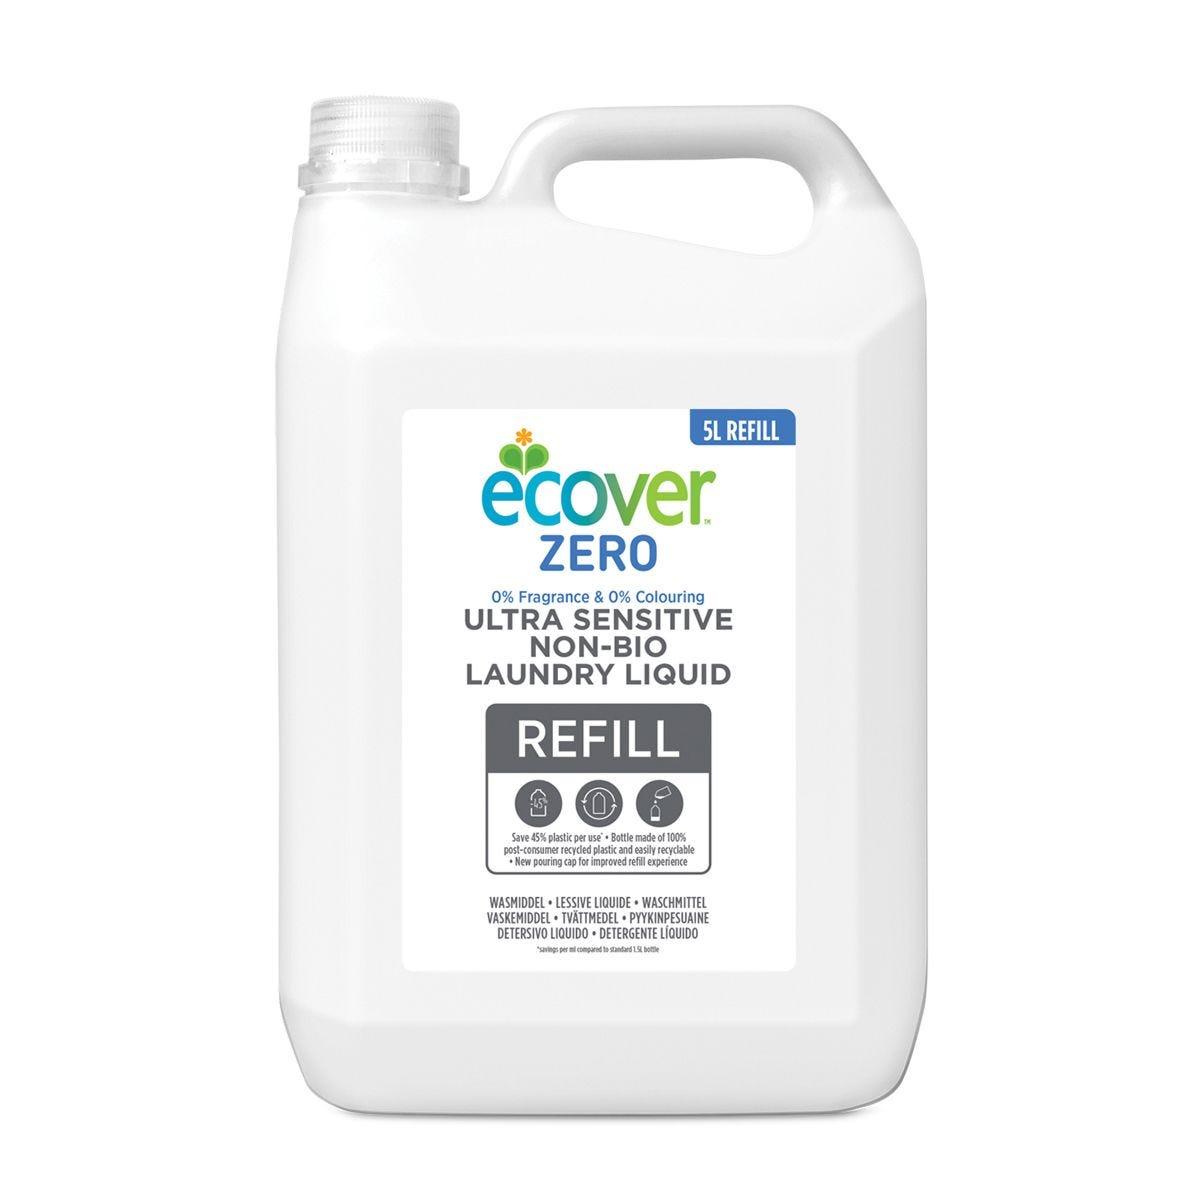 Ecover Zero Non-Bio Laundry Liquid - 5L Refill